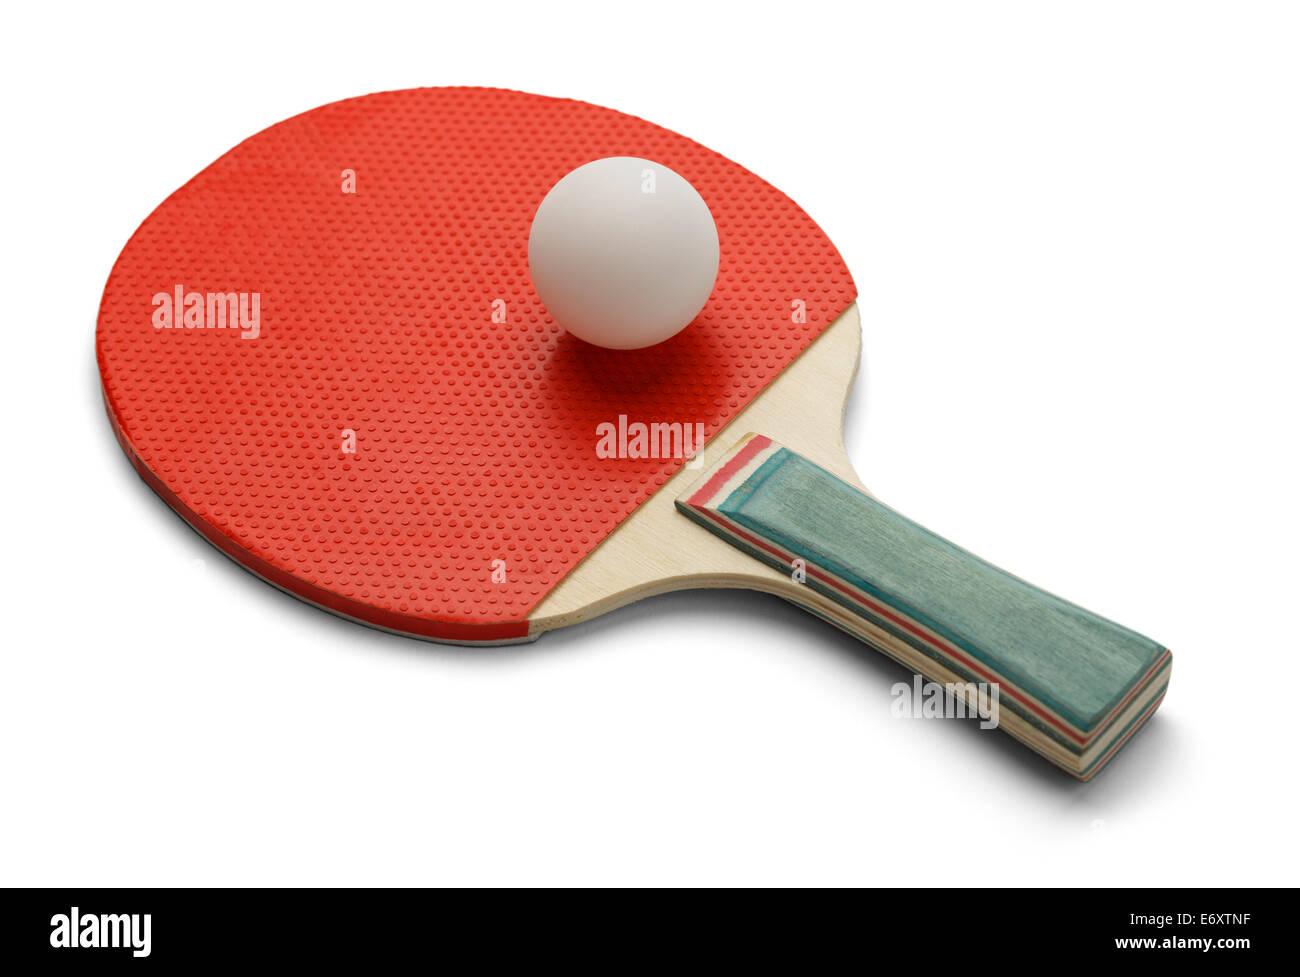 Tabella Paddle tennis e ping pong palla isolati su sfondo bianco. Immagini Stock